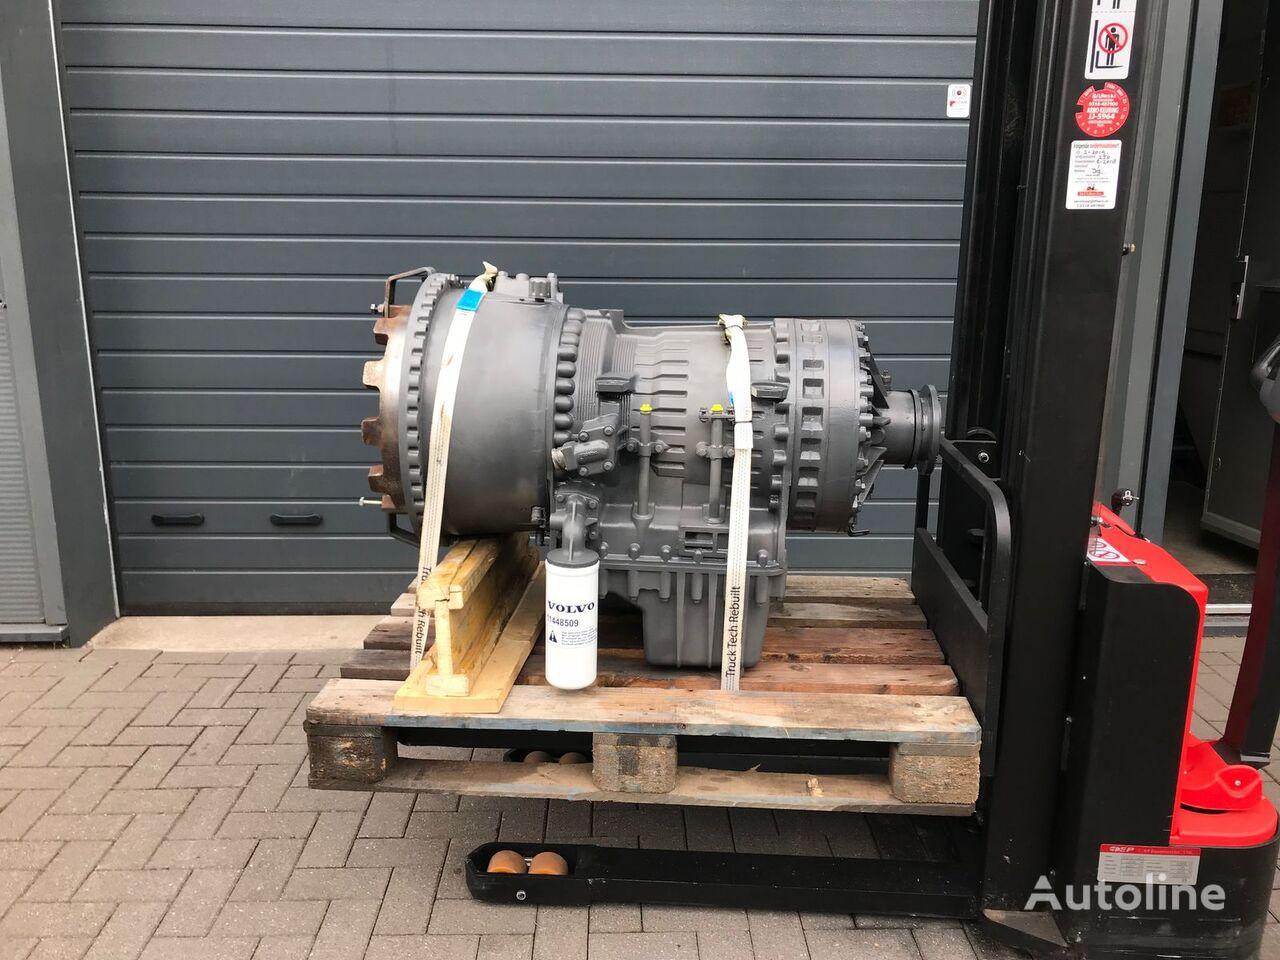 ny VOLVO PT1862 22640 22650 gearkasse til VOLVO knikdumper gummihjulslæsser